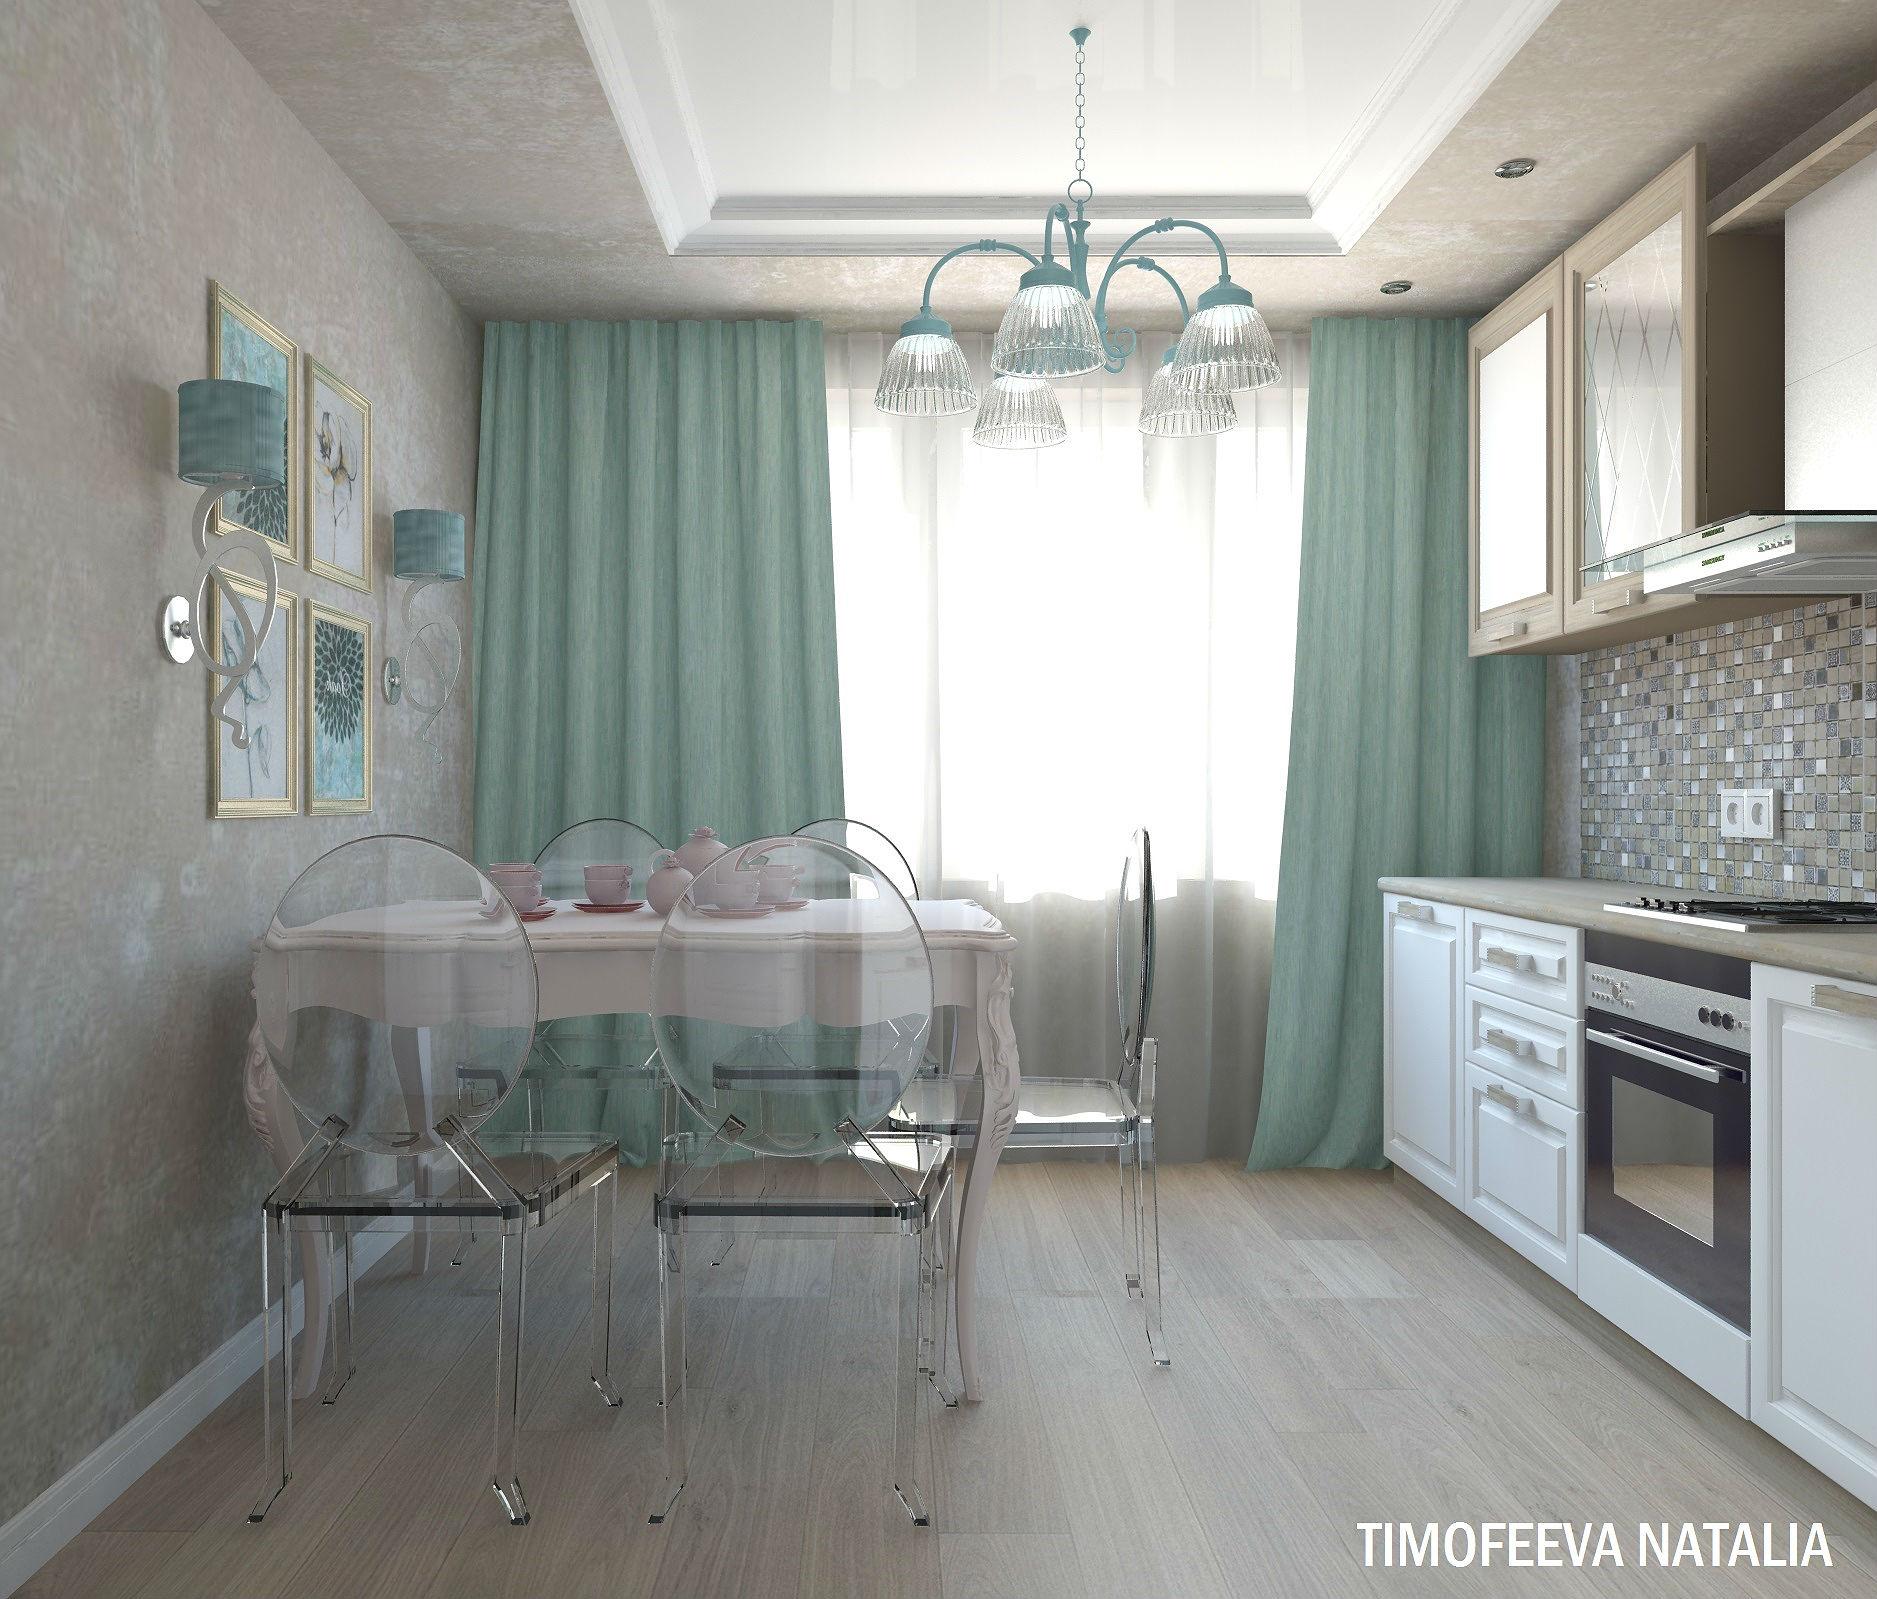 Дизайн квартиры студии 2540 кв м современные идеи с 35 фото